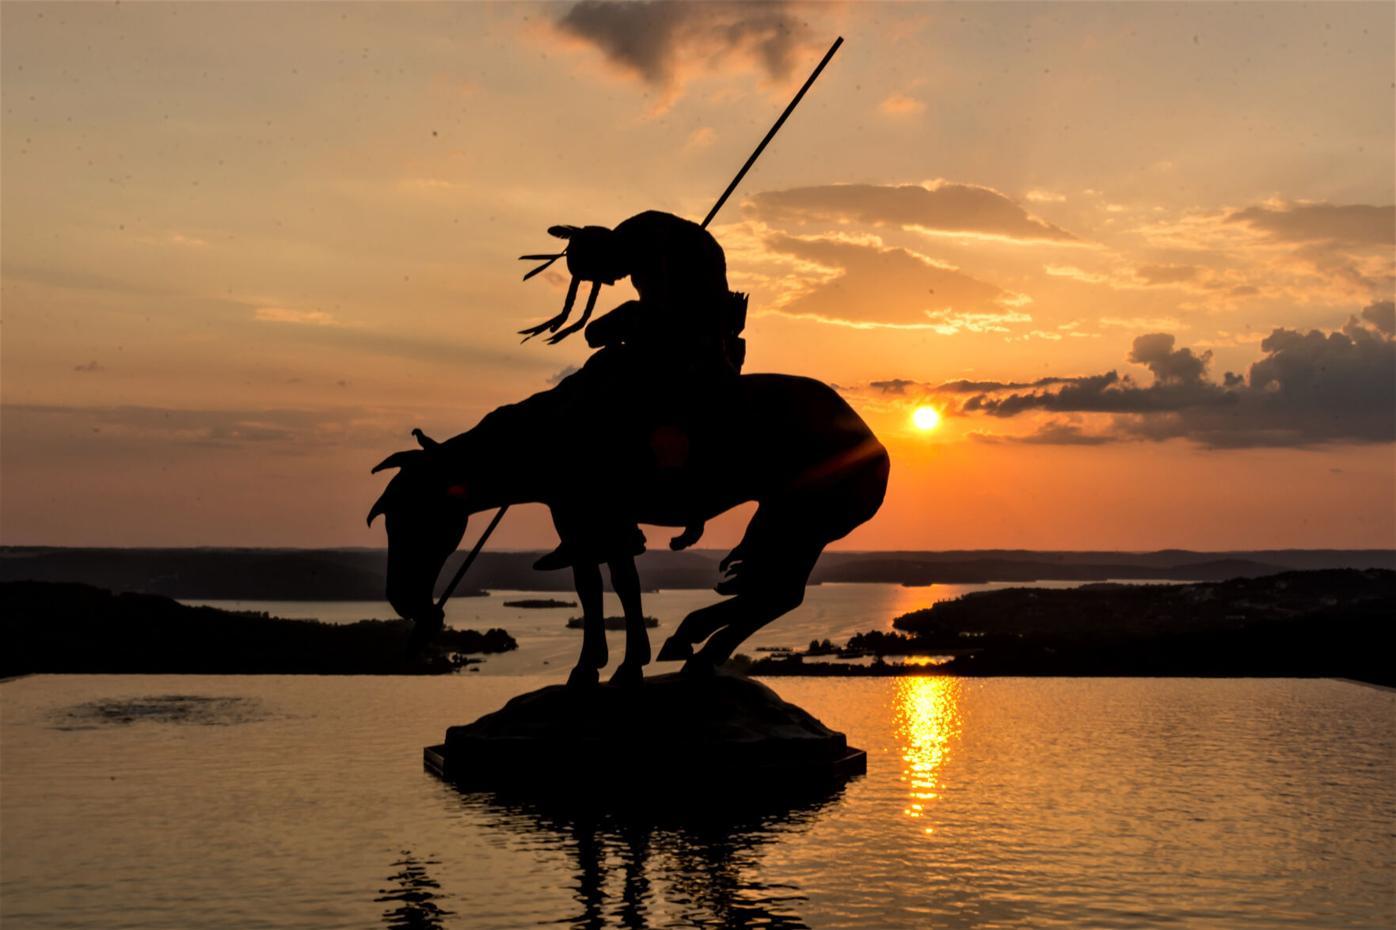 Branson Missouri at sunset